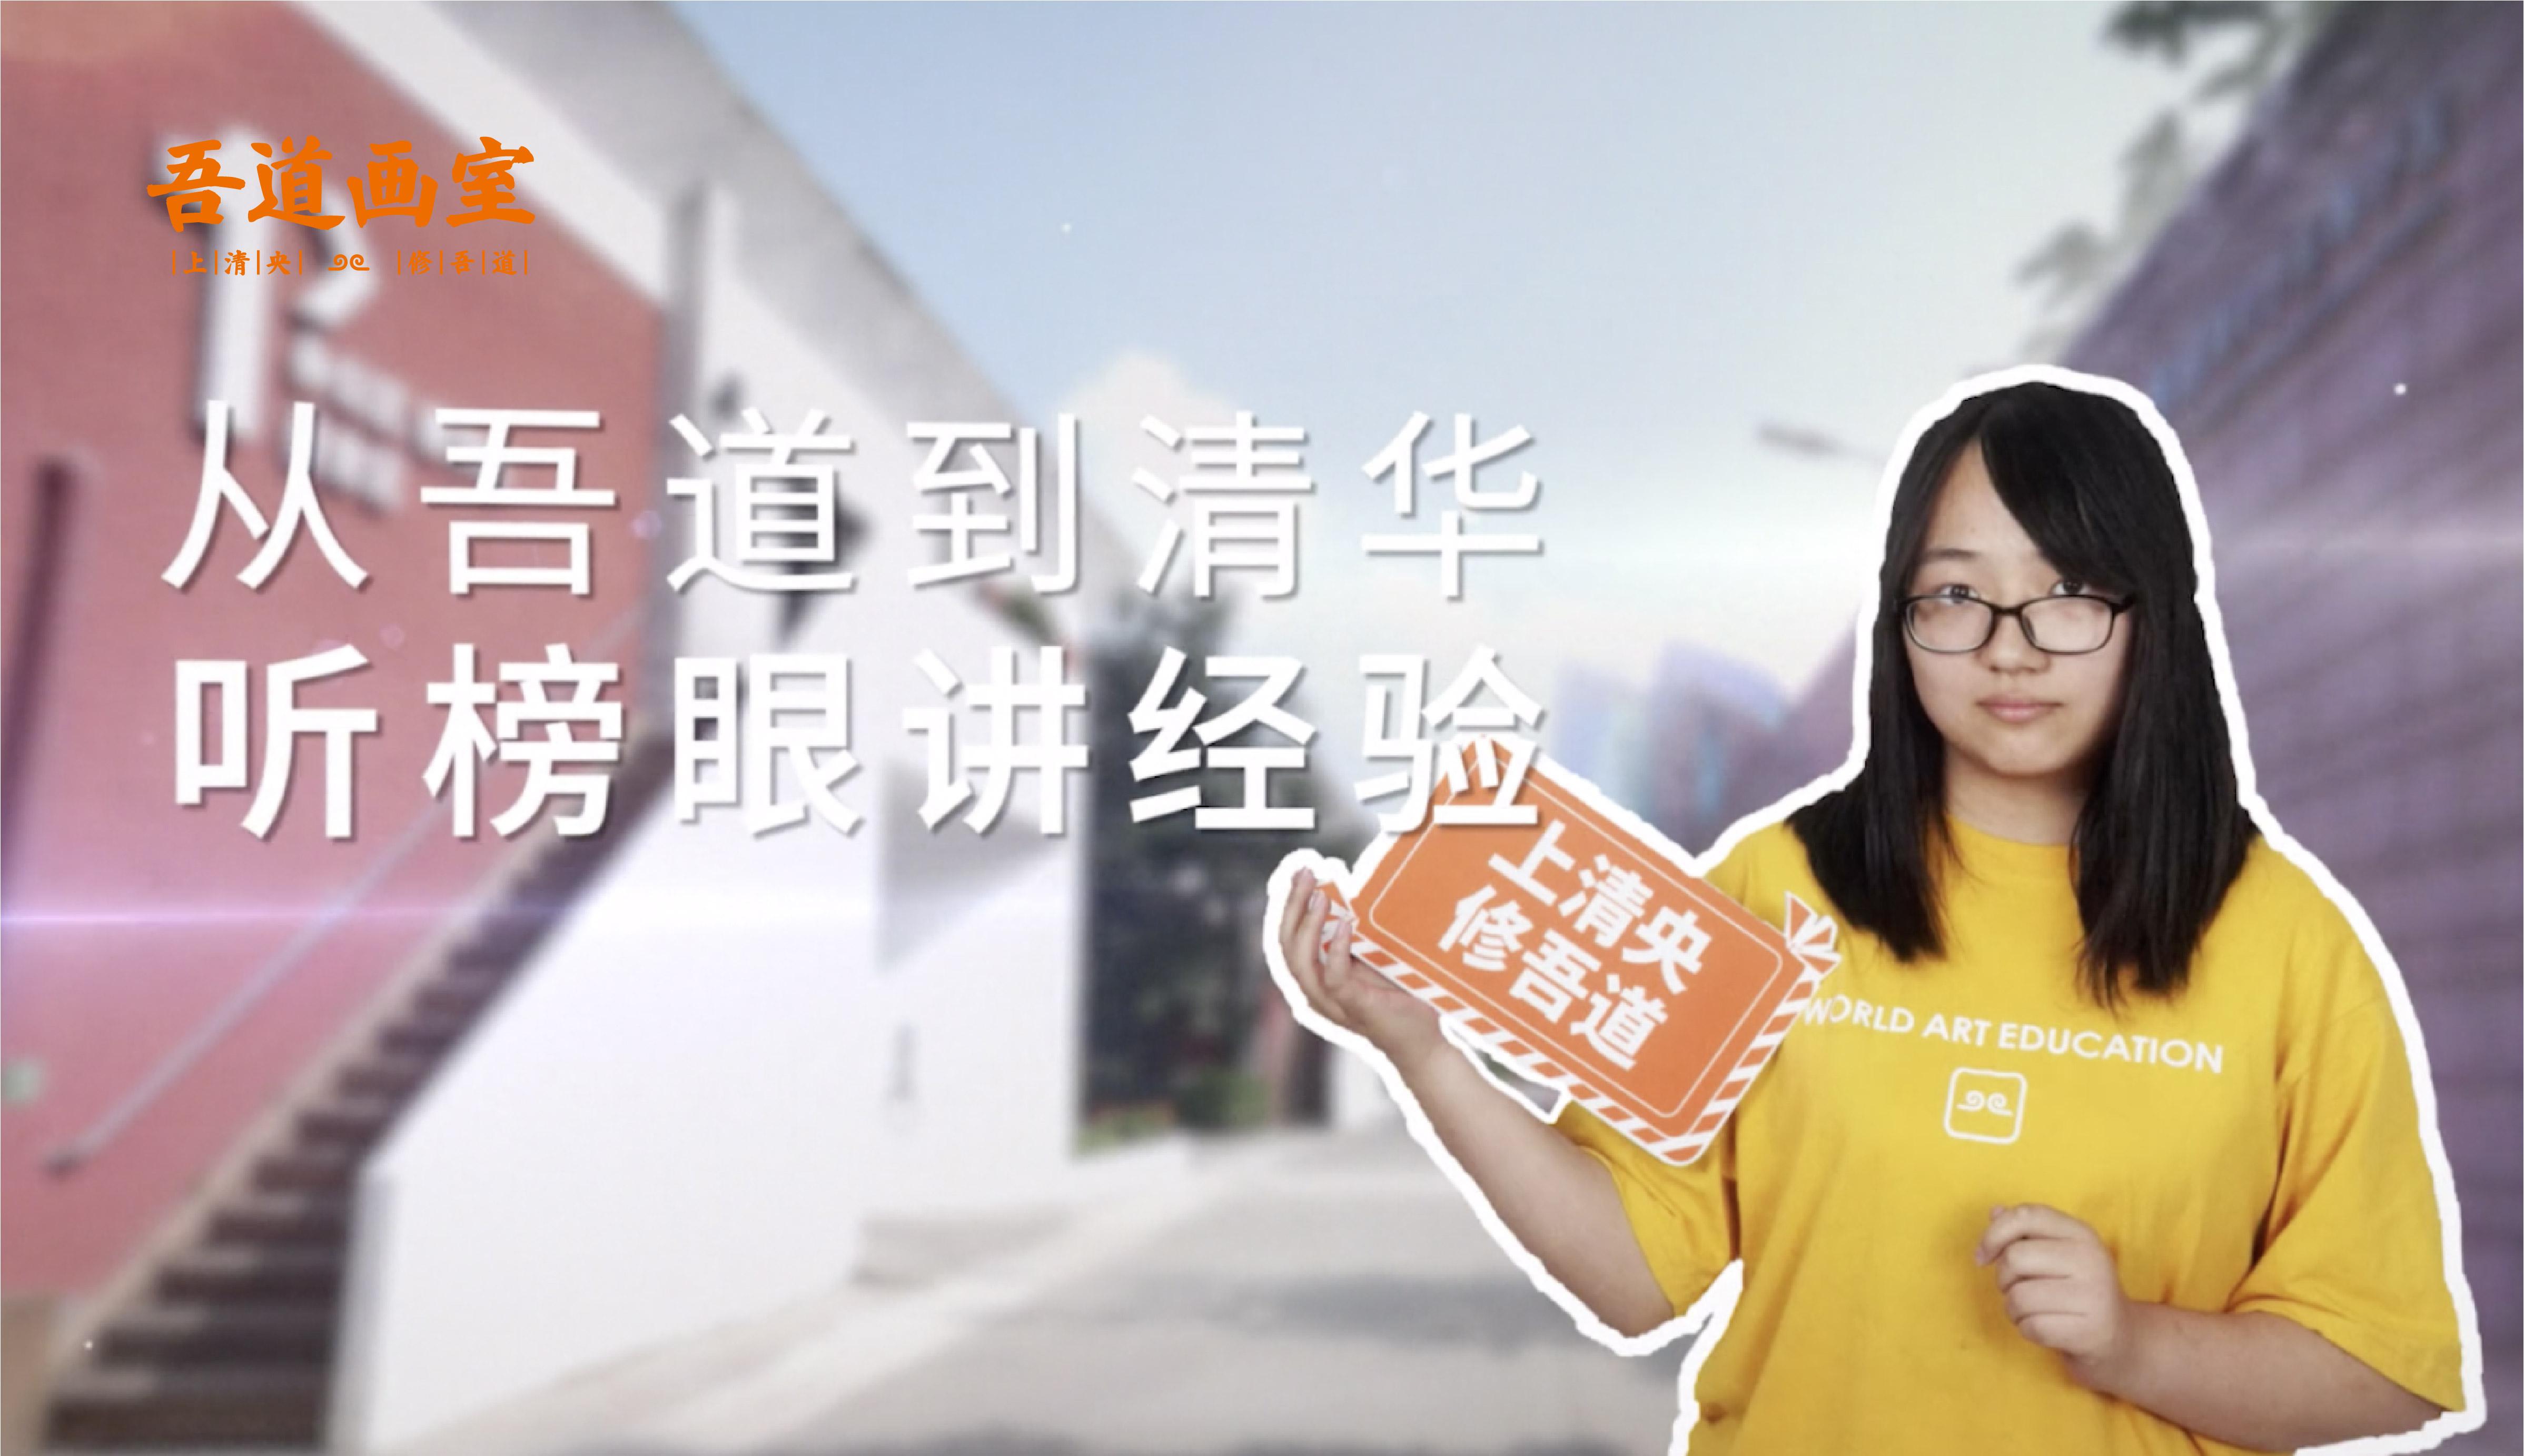 北京吾道画室2020清华榜眼詹子瑾专访